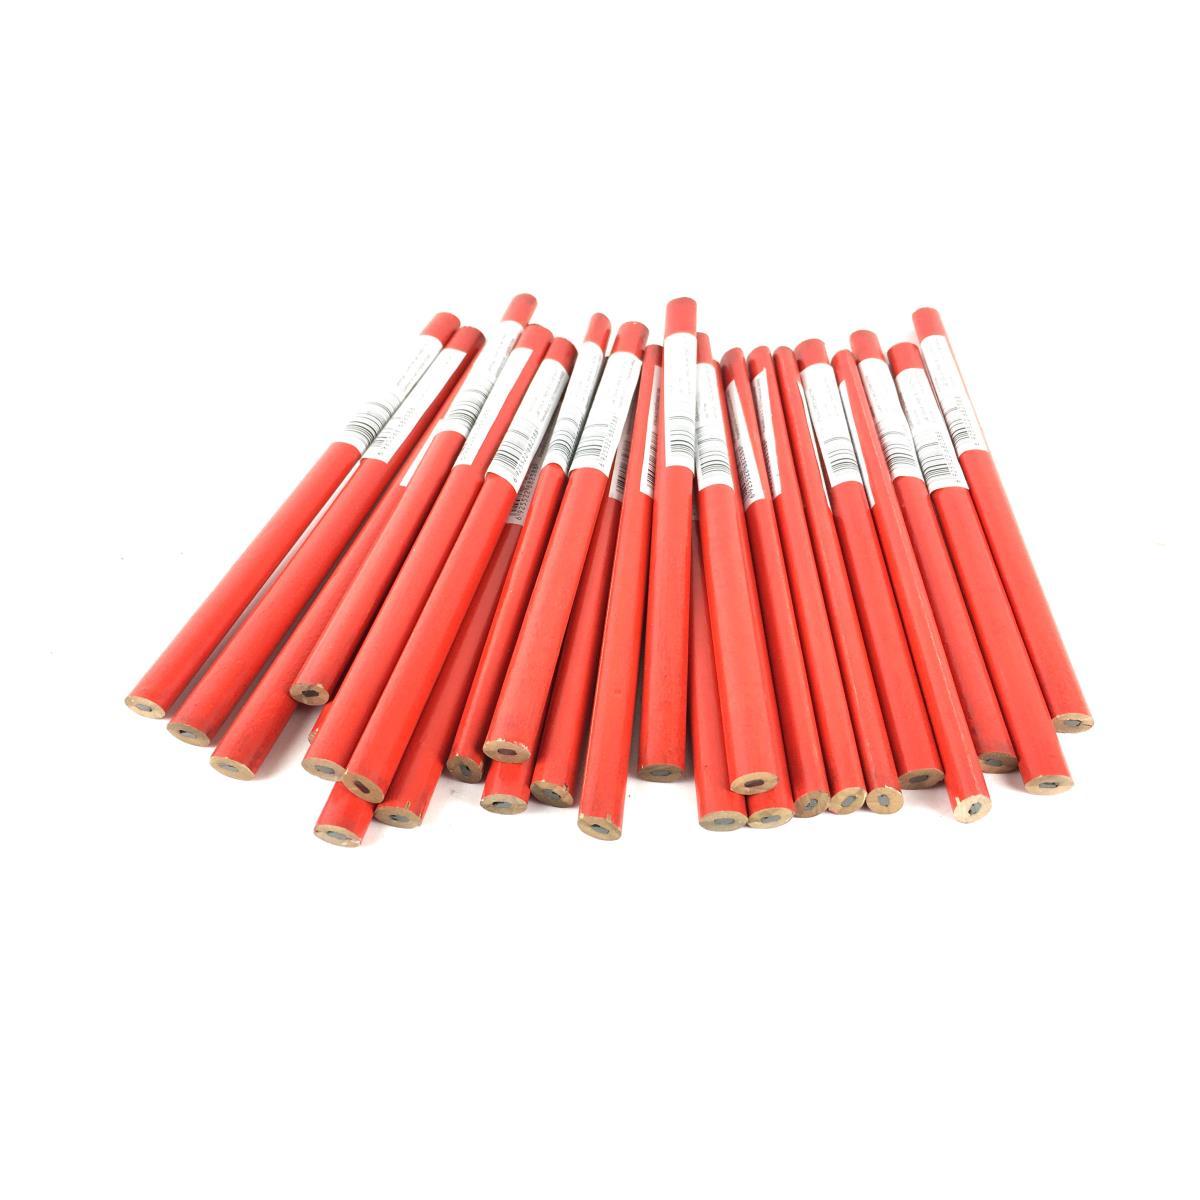 24 Stück Zimmermannsbleistift 180 mm Bleistift Anreißbleistift Baubleistift ,UAB,50600079, 0791266464544